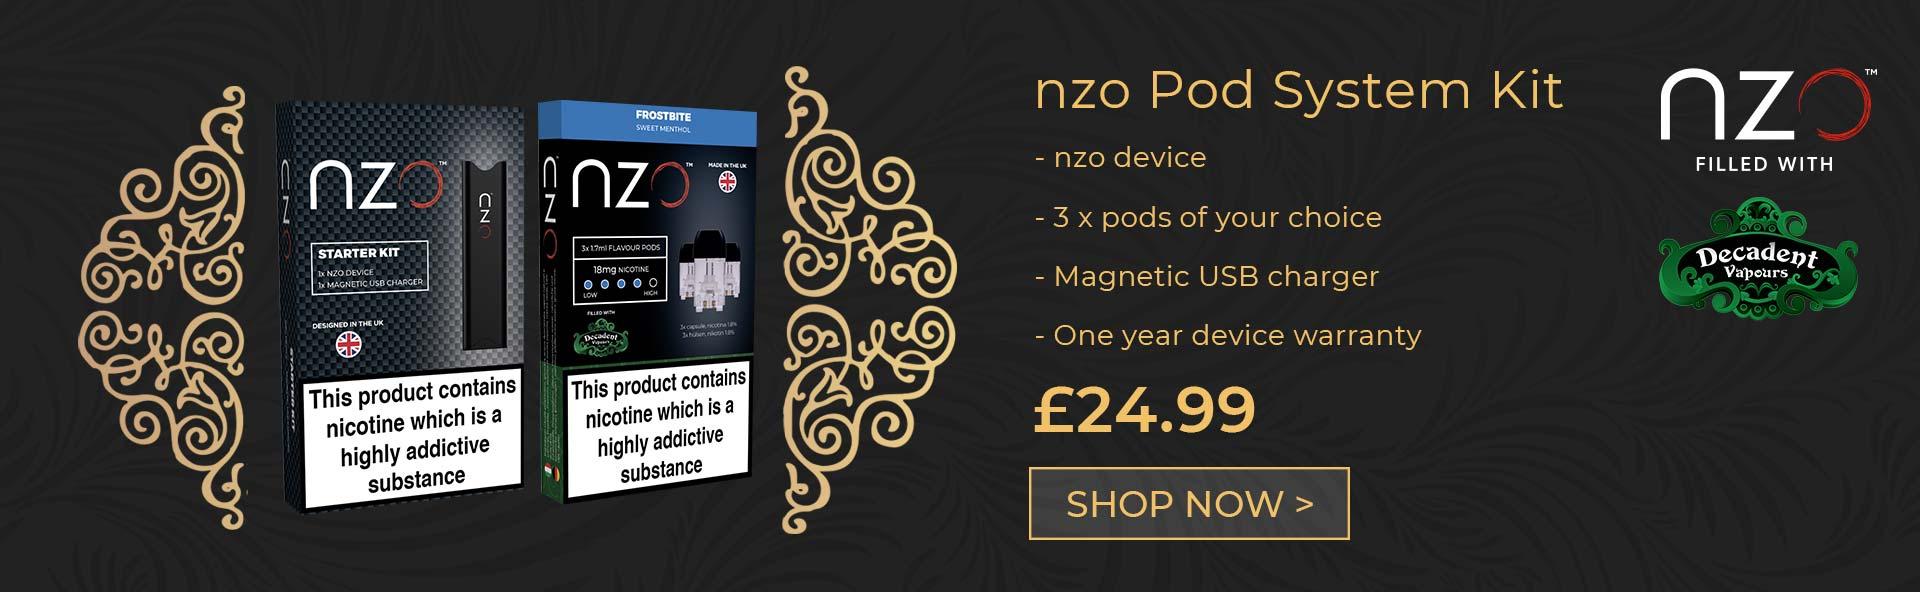 buy-nzo-pod-system